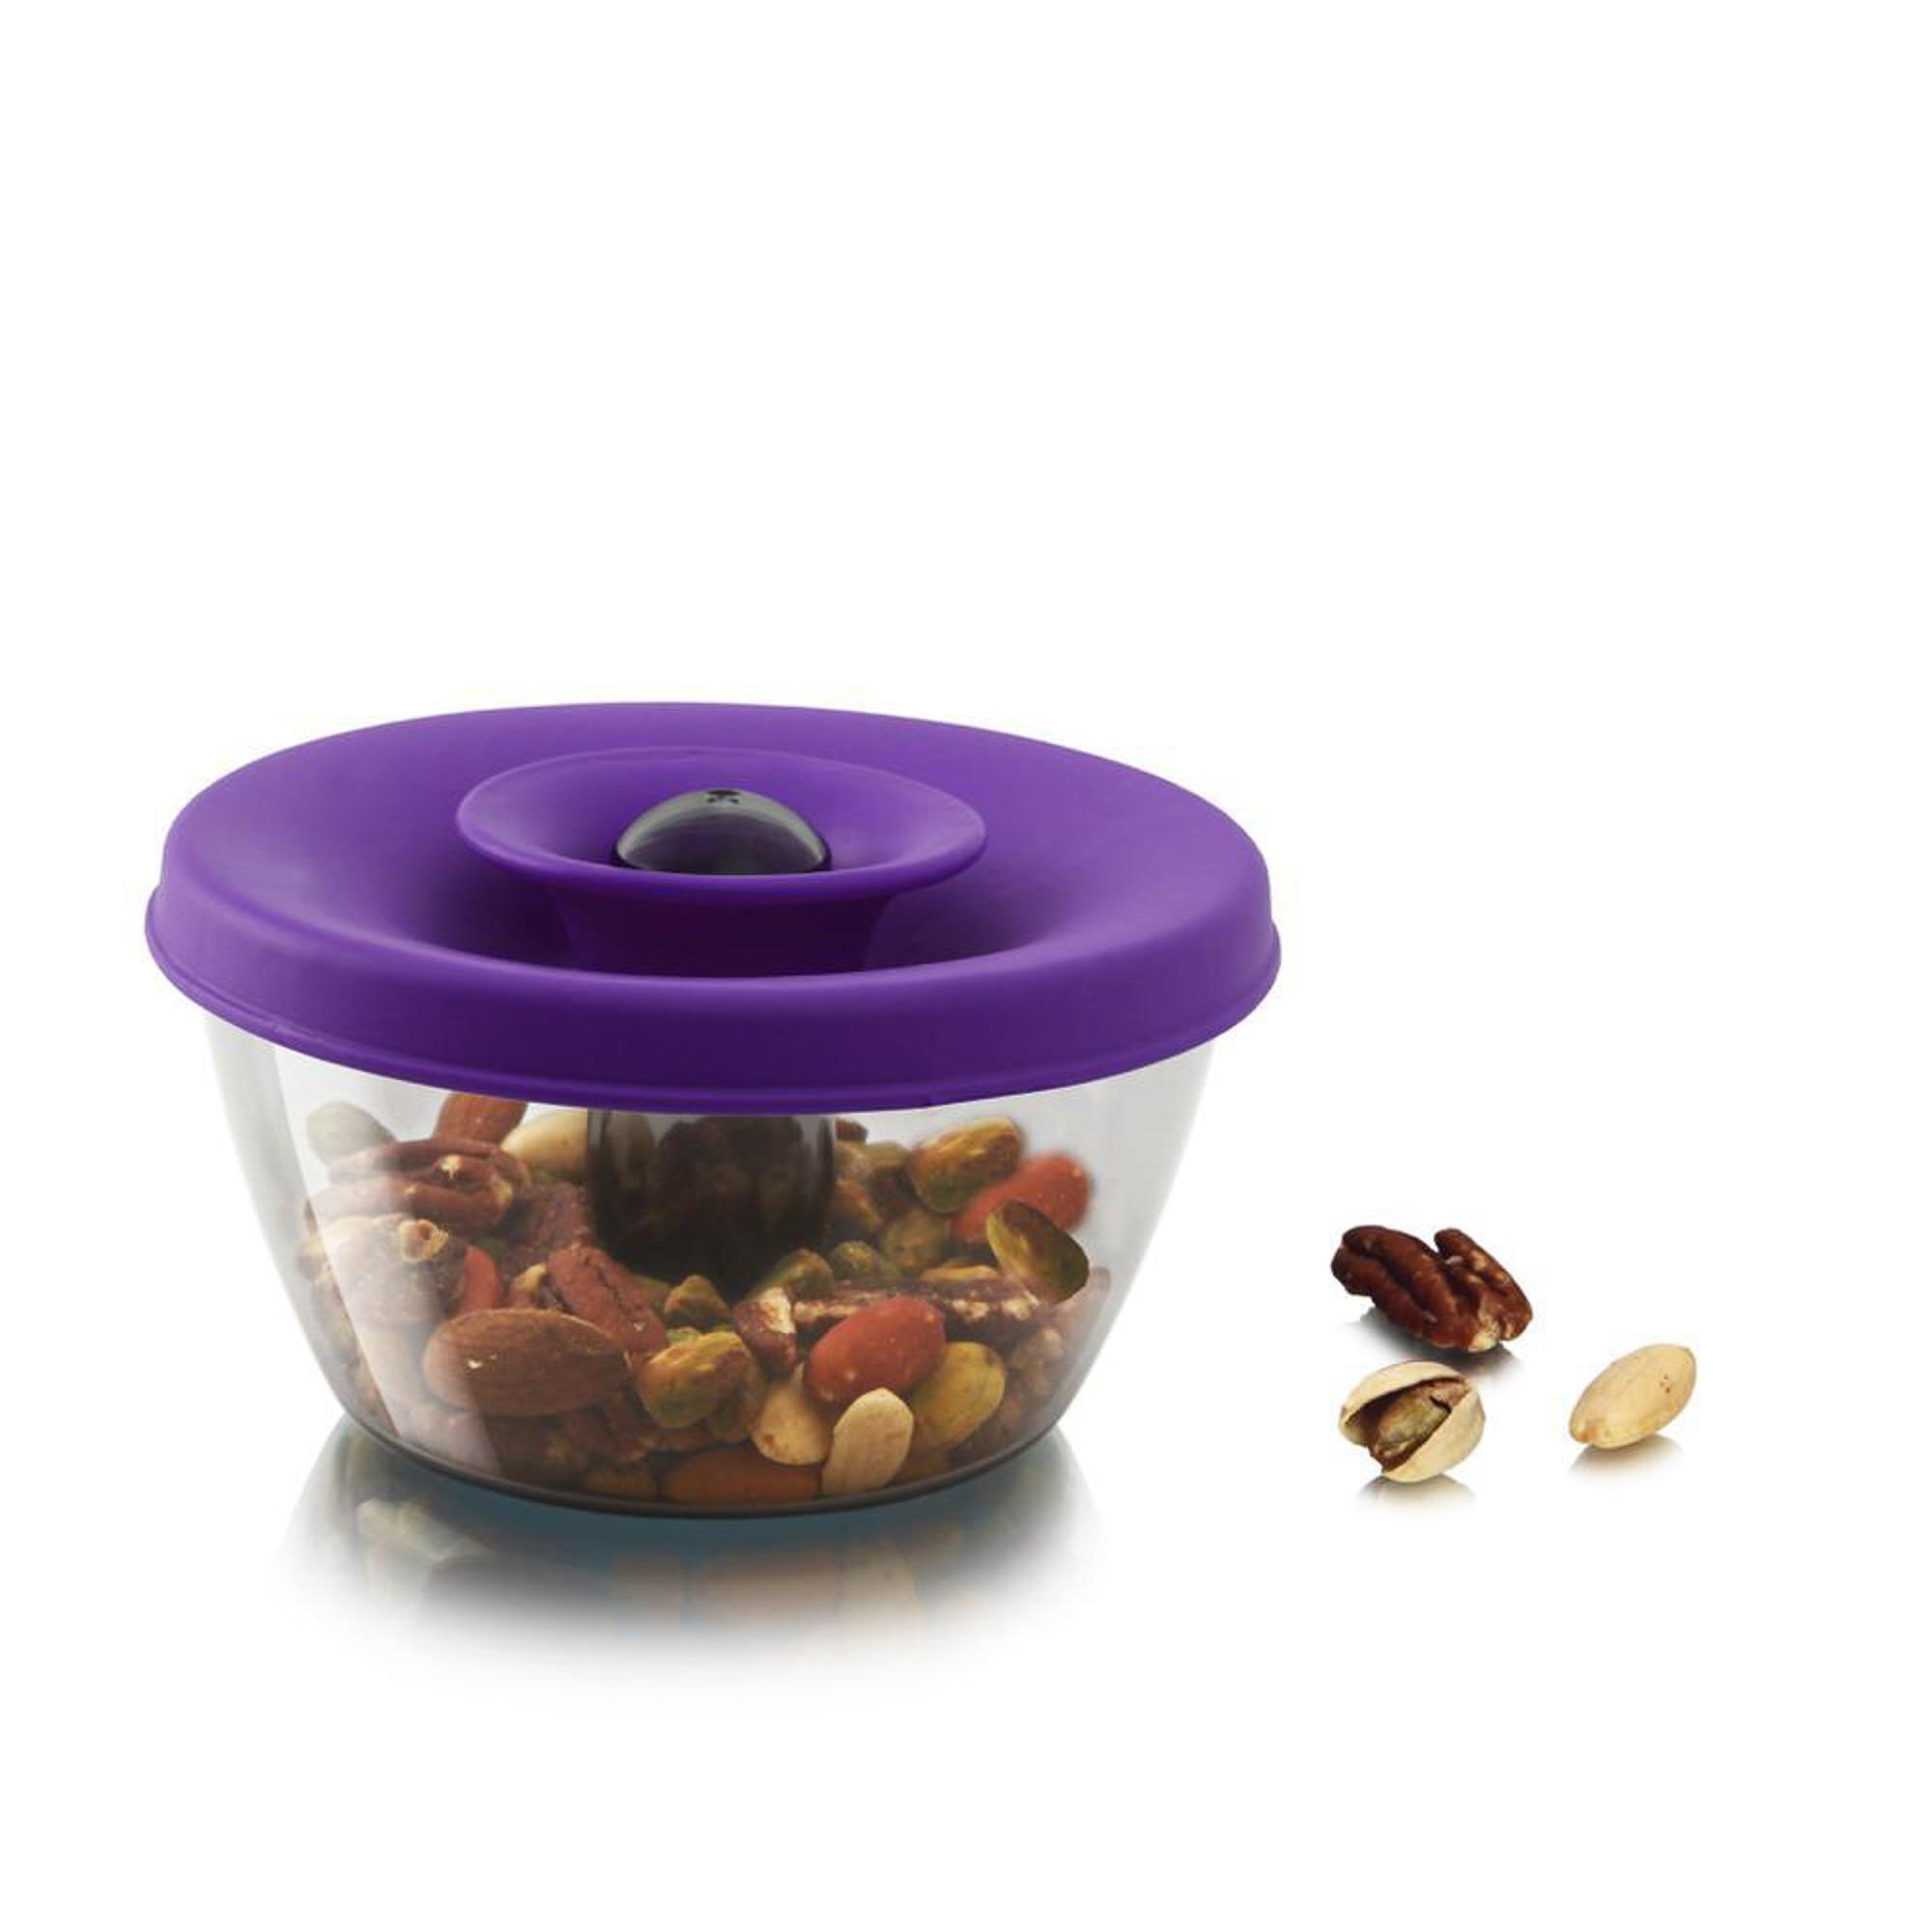 Купить со скидкой Емкость для хранения 0.45 л фиолетовый Tomorrow's kitchen